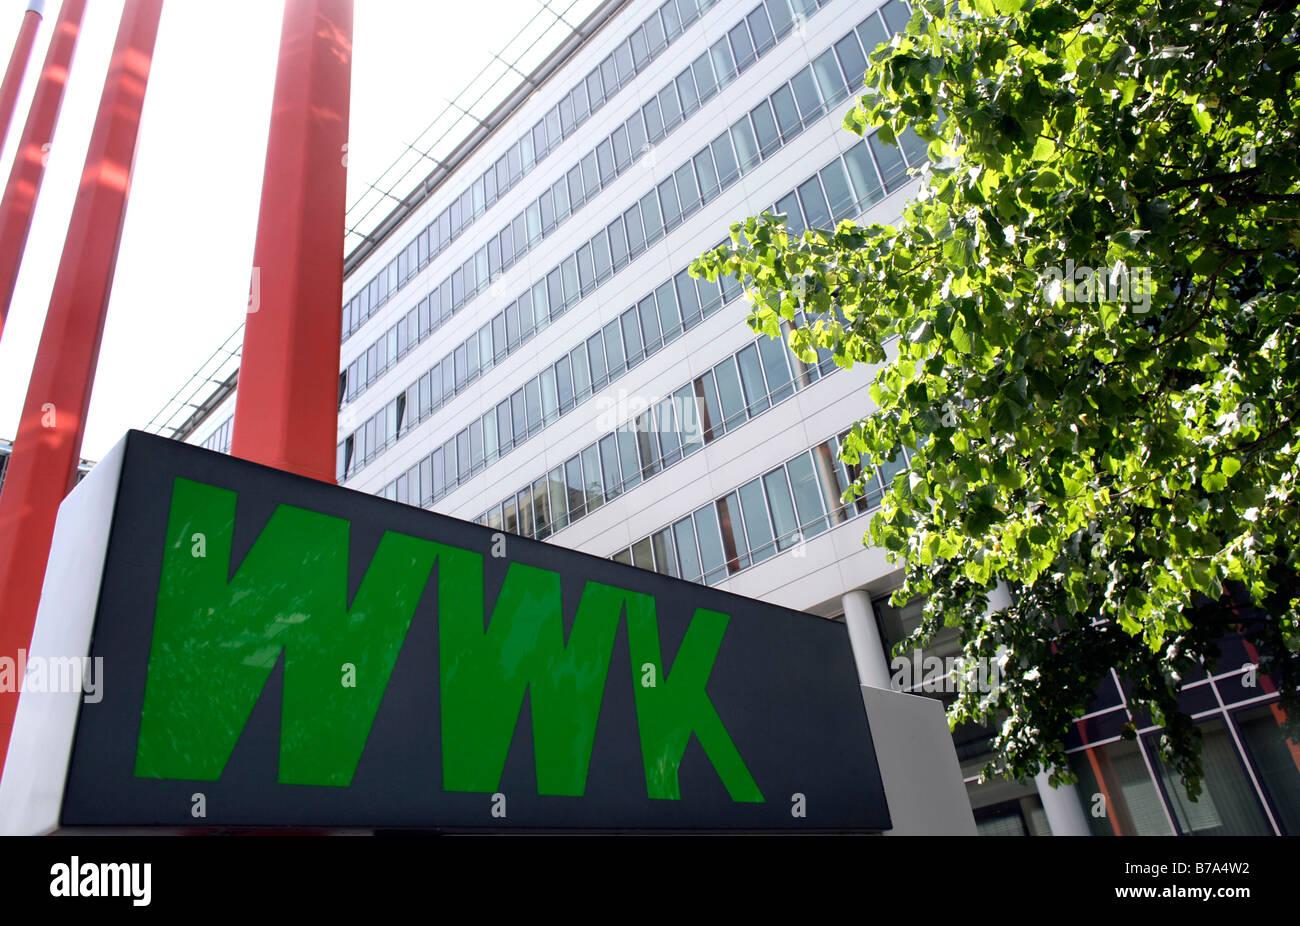 Außenaufnahme des Hauptquartiers der WWK Versicherung in München, Bayern, Deutschland, Europa Stockbild